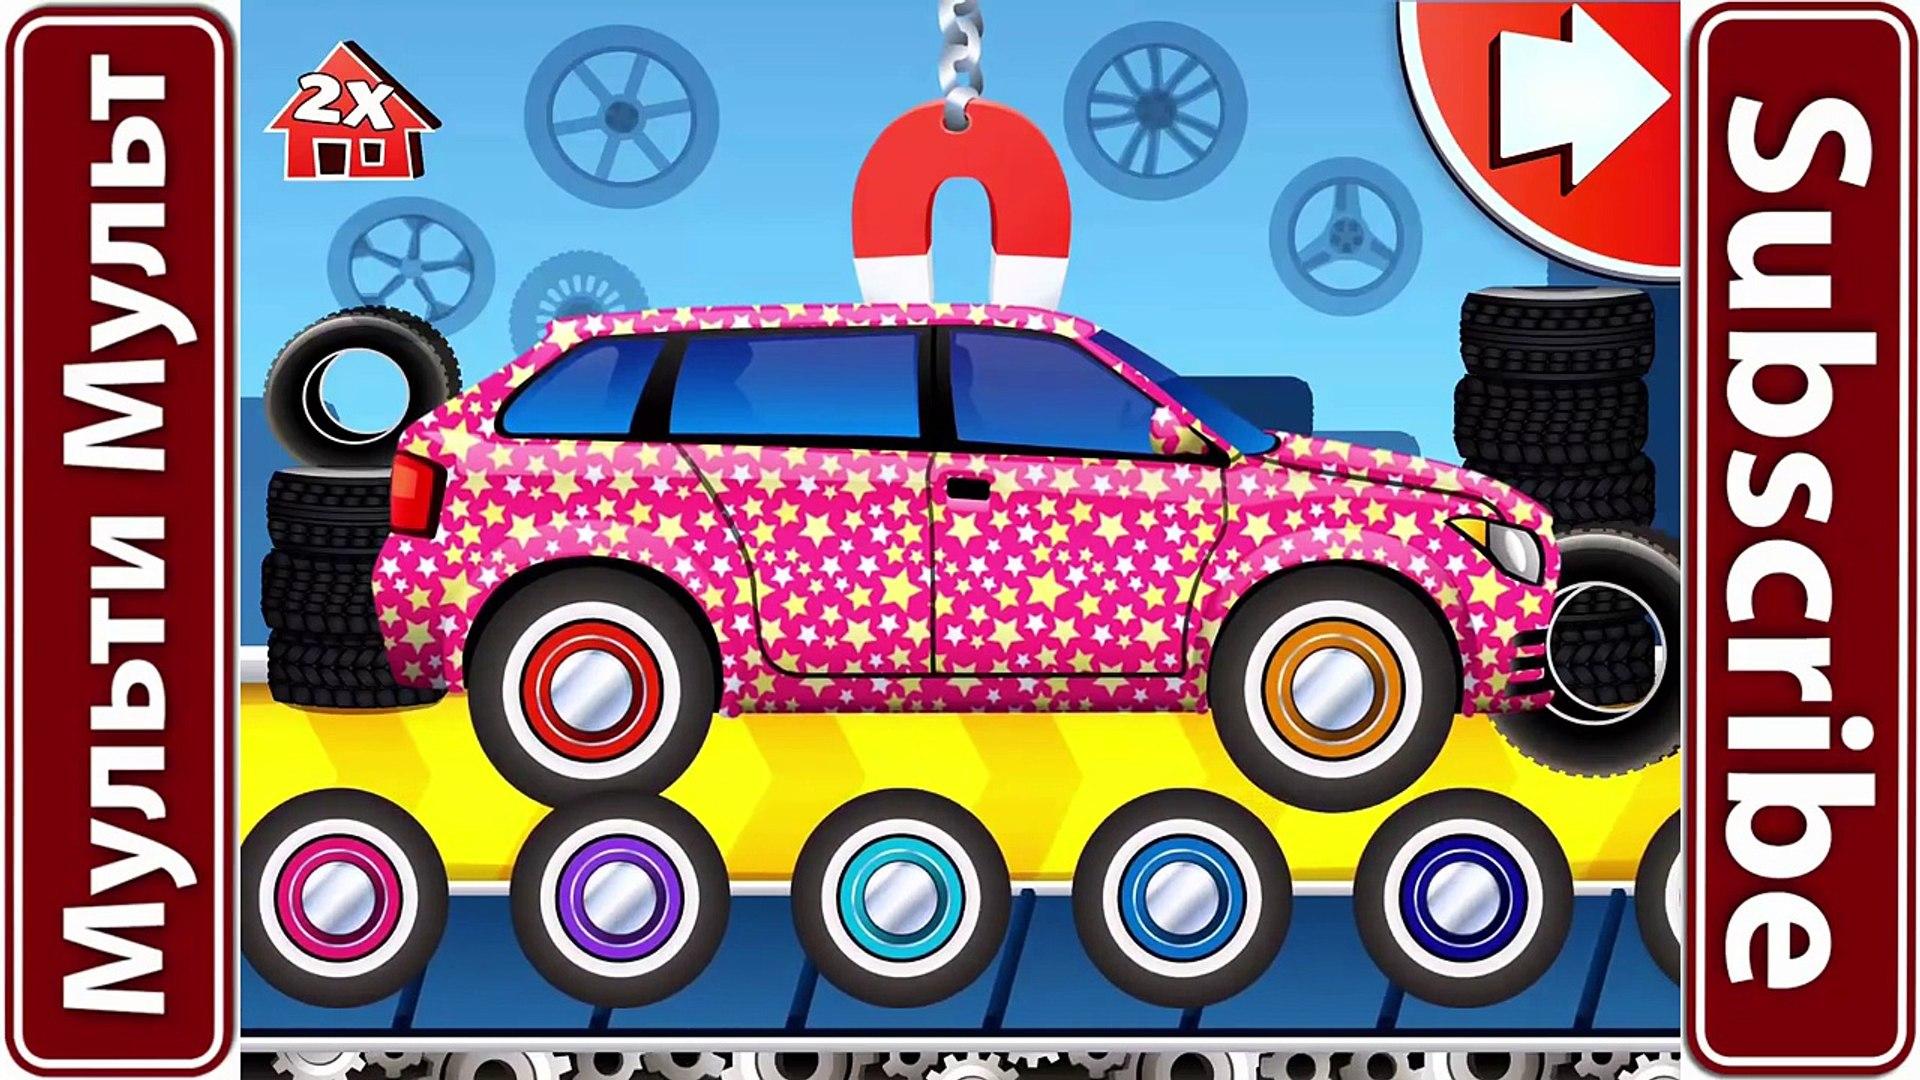 Мечта Автомобили Фабрика полиции автомобилей Лучший Ios игры приложение для детей мультфильм о служб